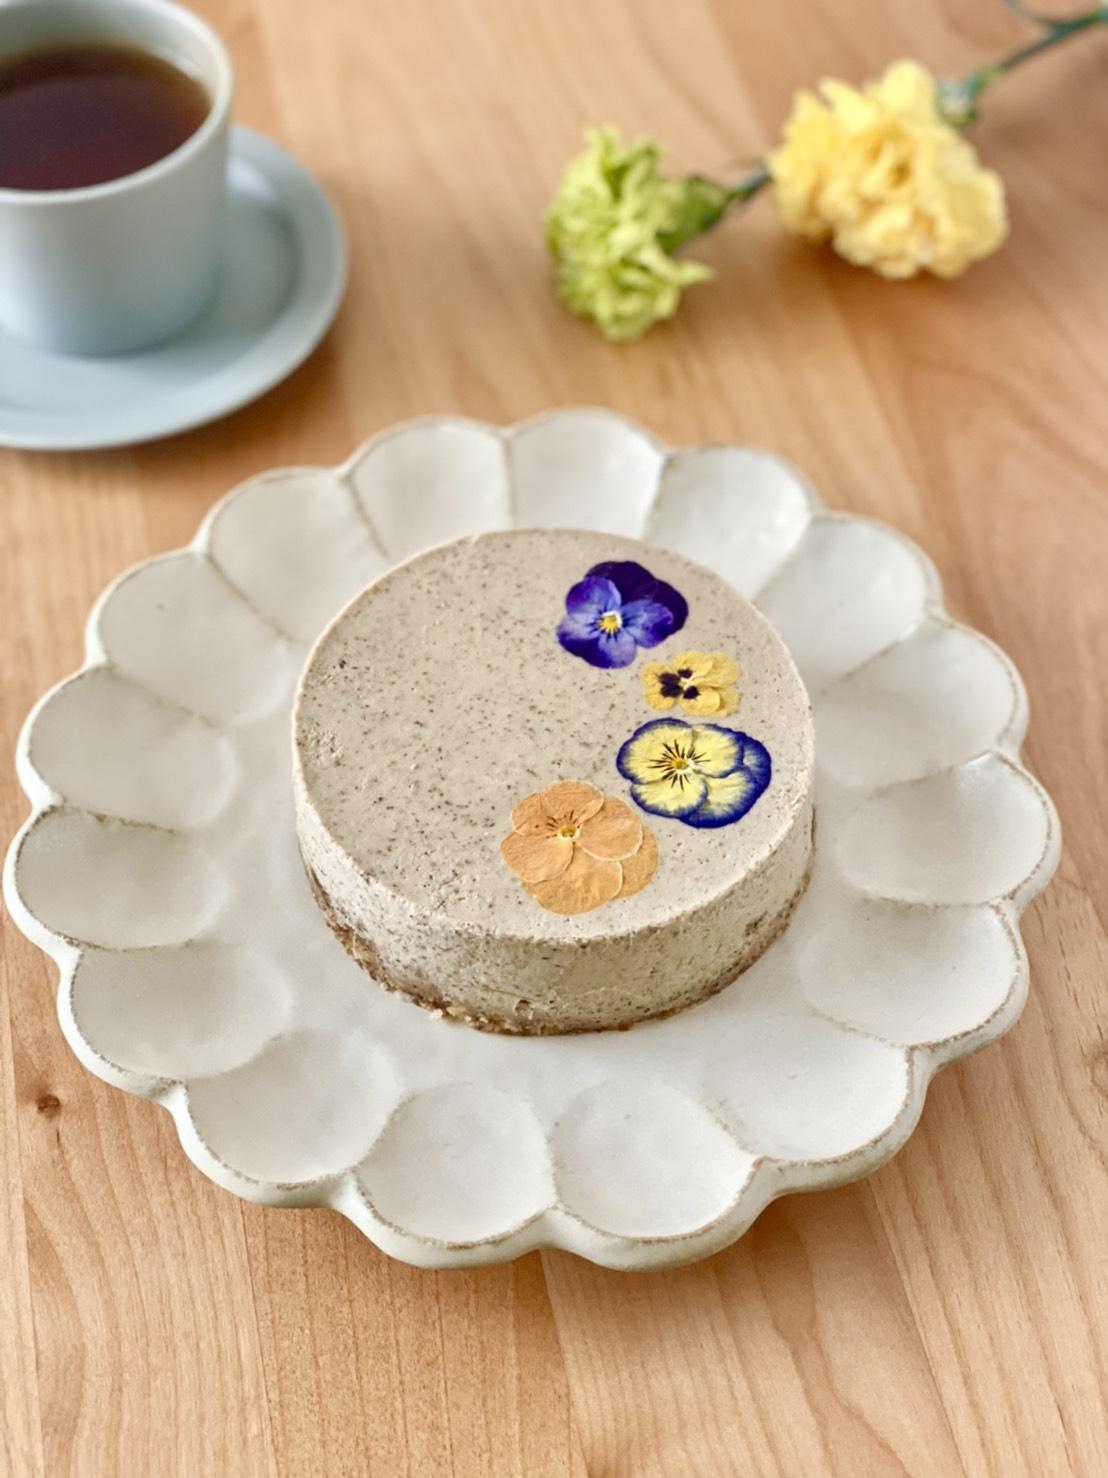 【限定】アールグレイ薫るフラワーアップルケーキ